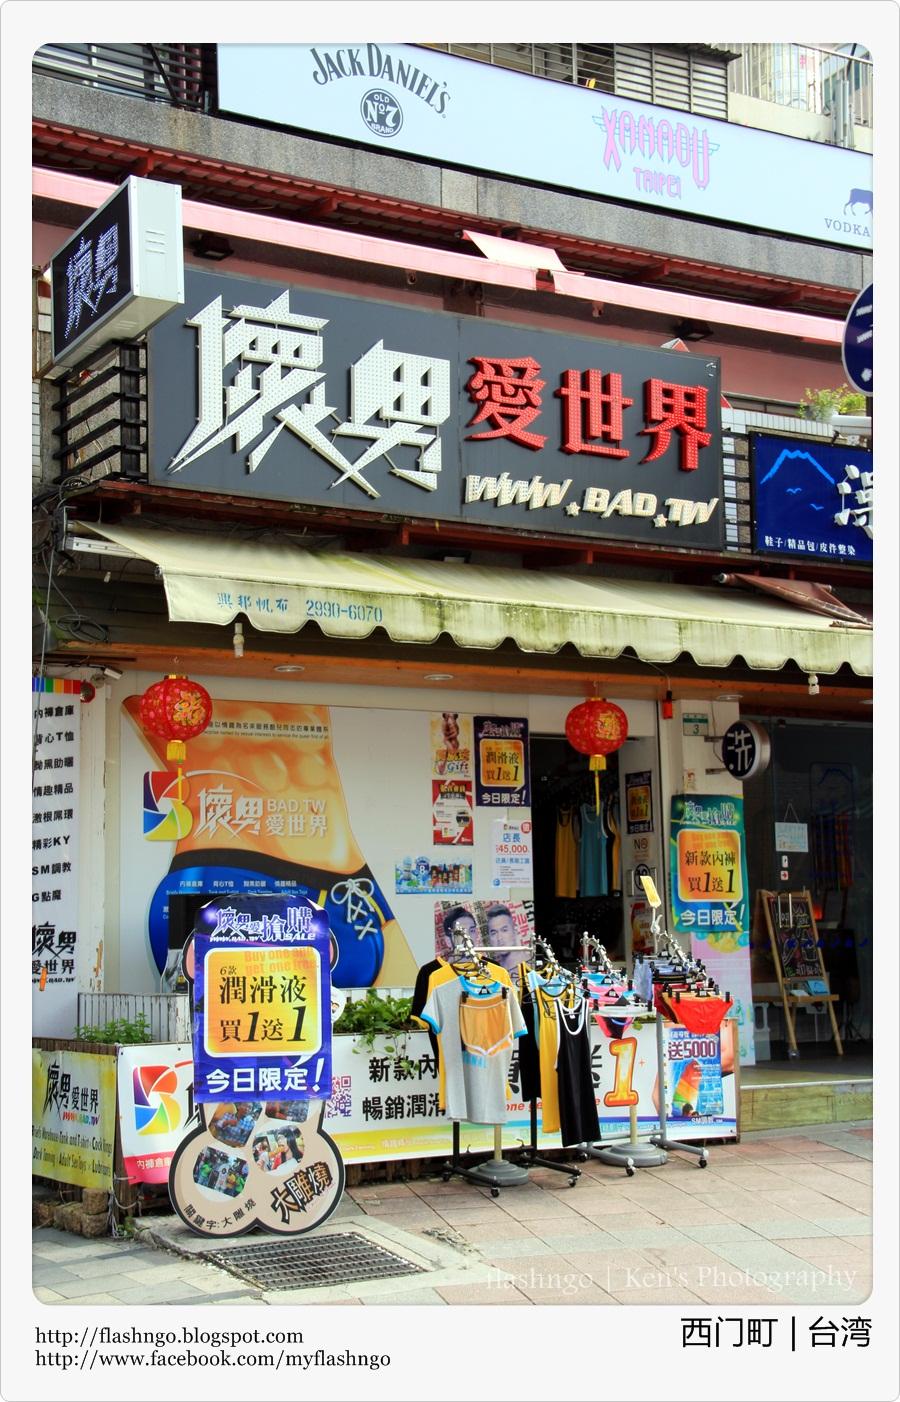 想开个儿童服装店_台湾初体验(13)- 西门町 | 古典红楼与现代文化的交接点